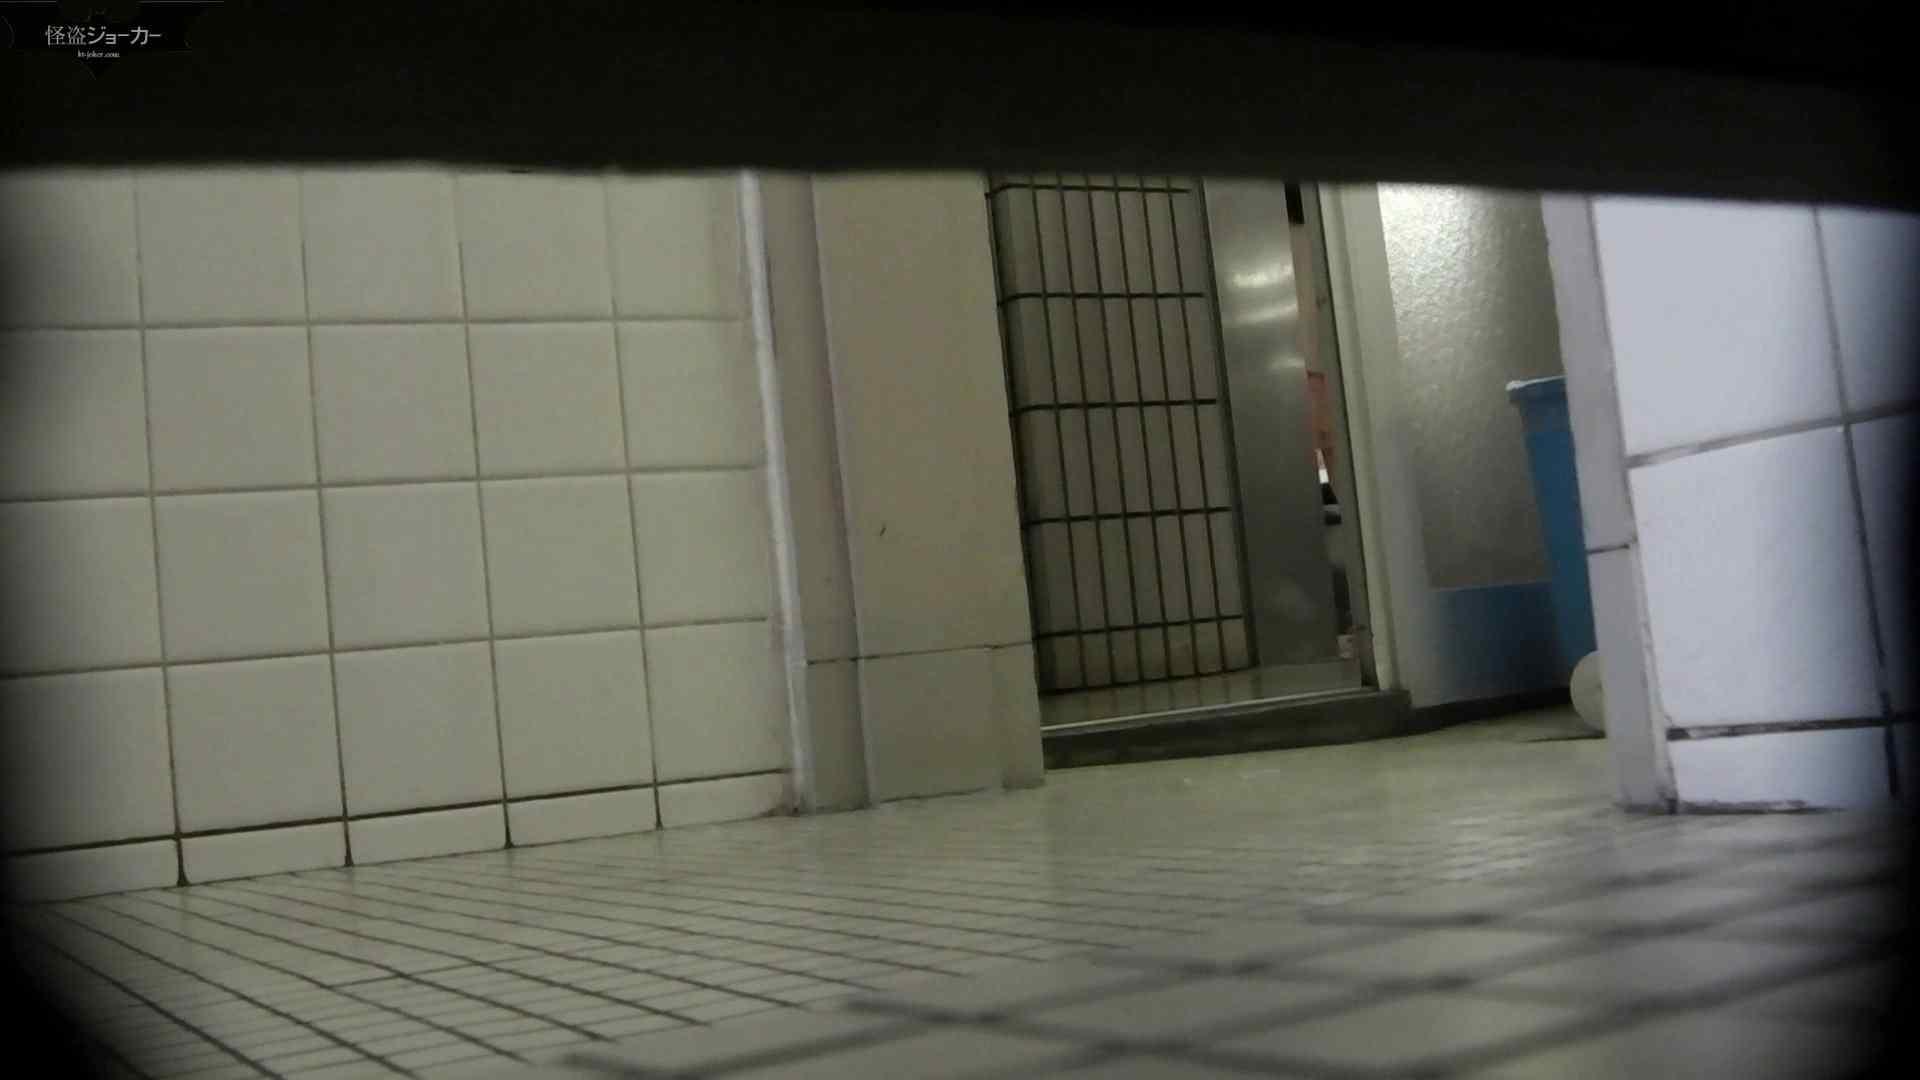 【美しき個室な世界】洗面所特攻隊 vol.051 洗面所  72PIX 62